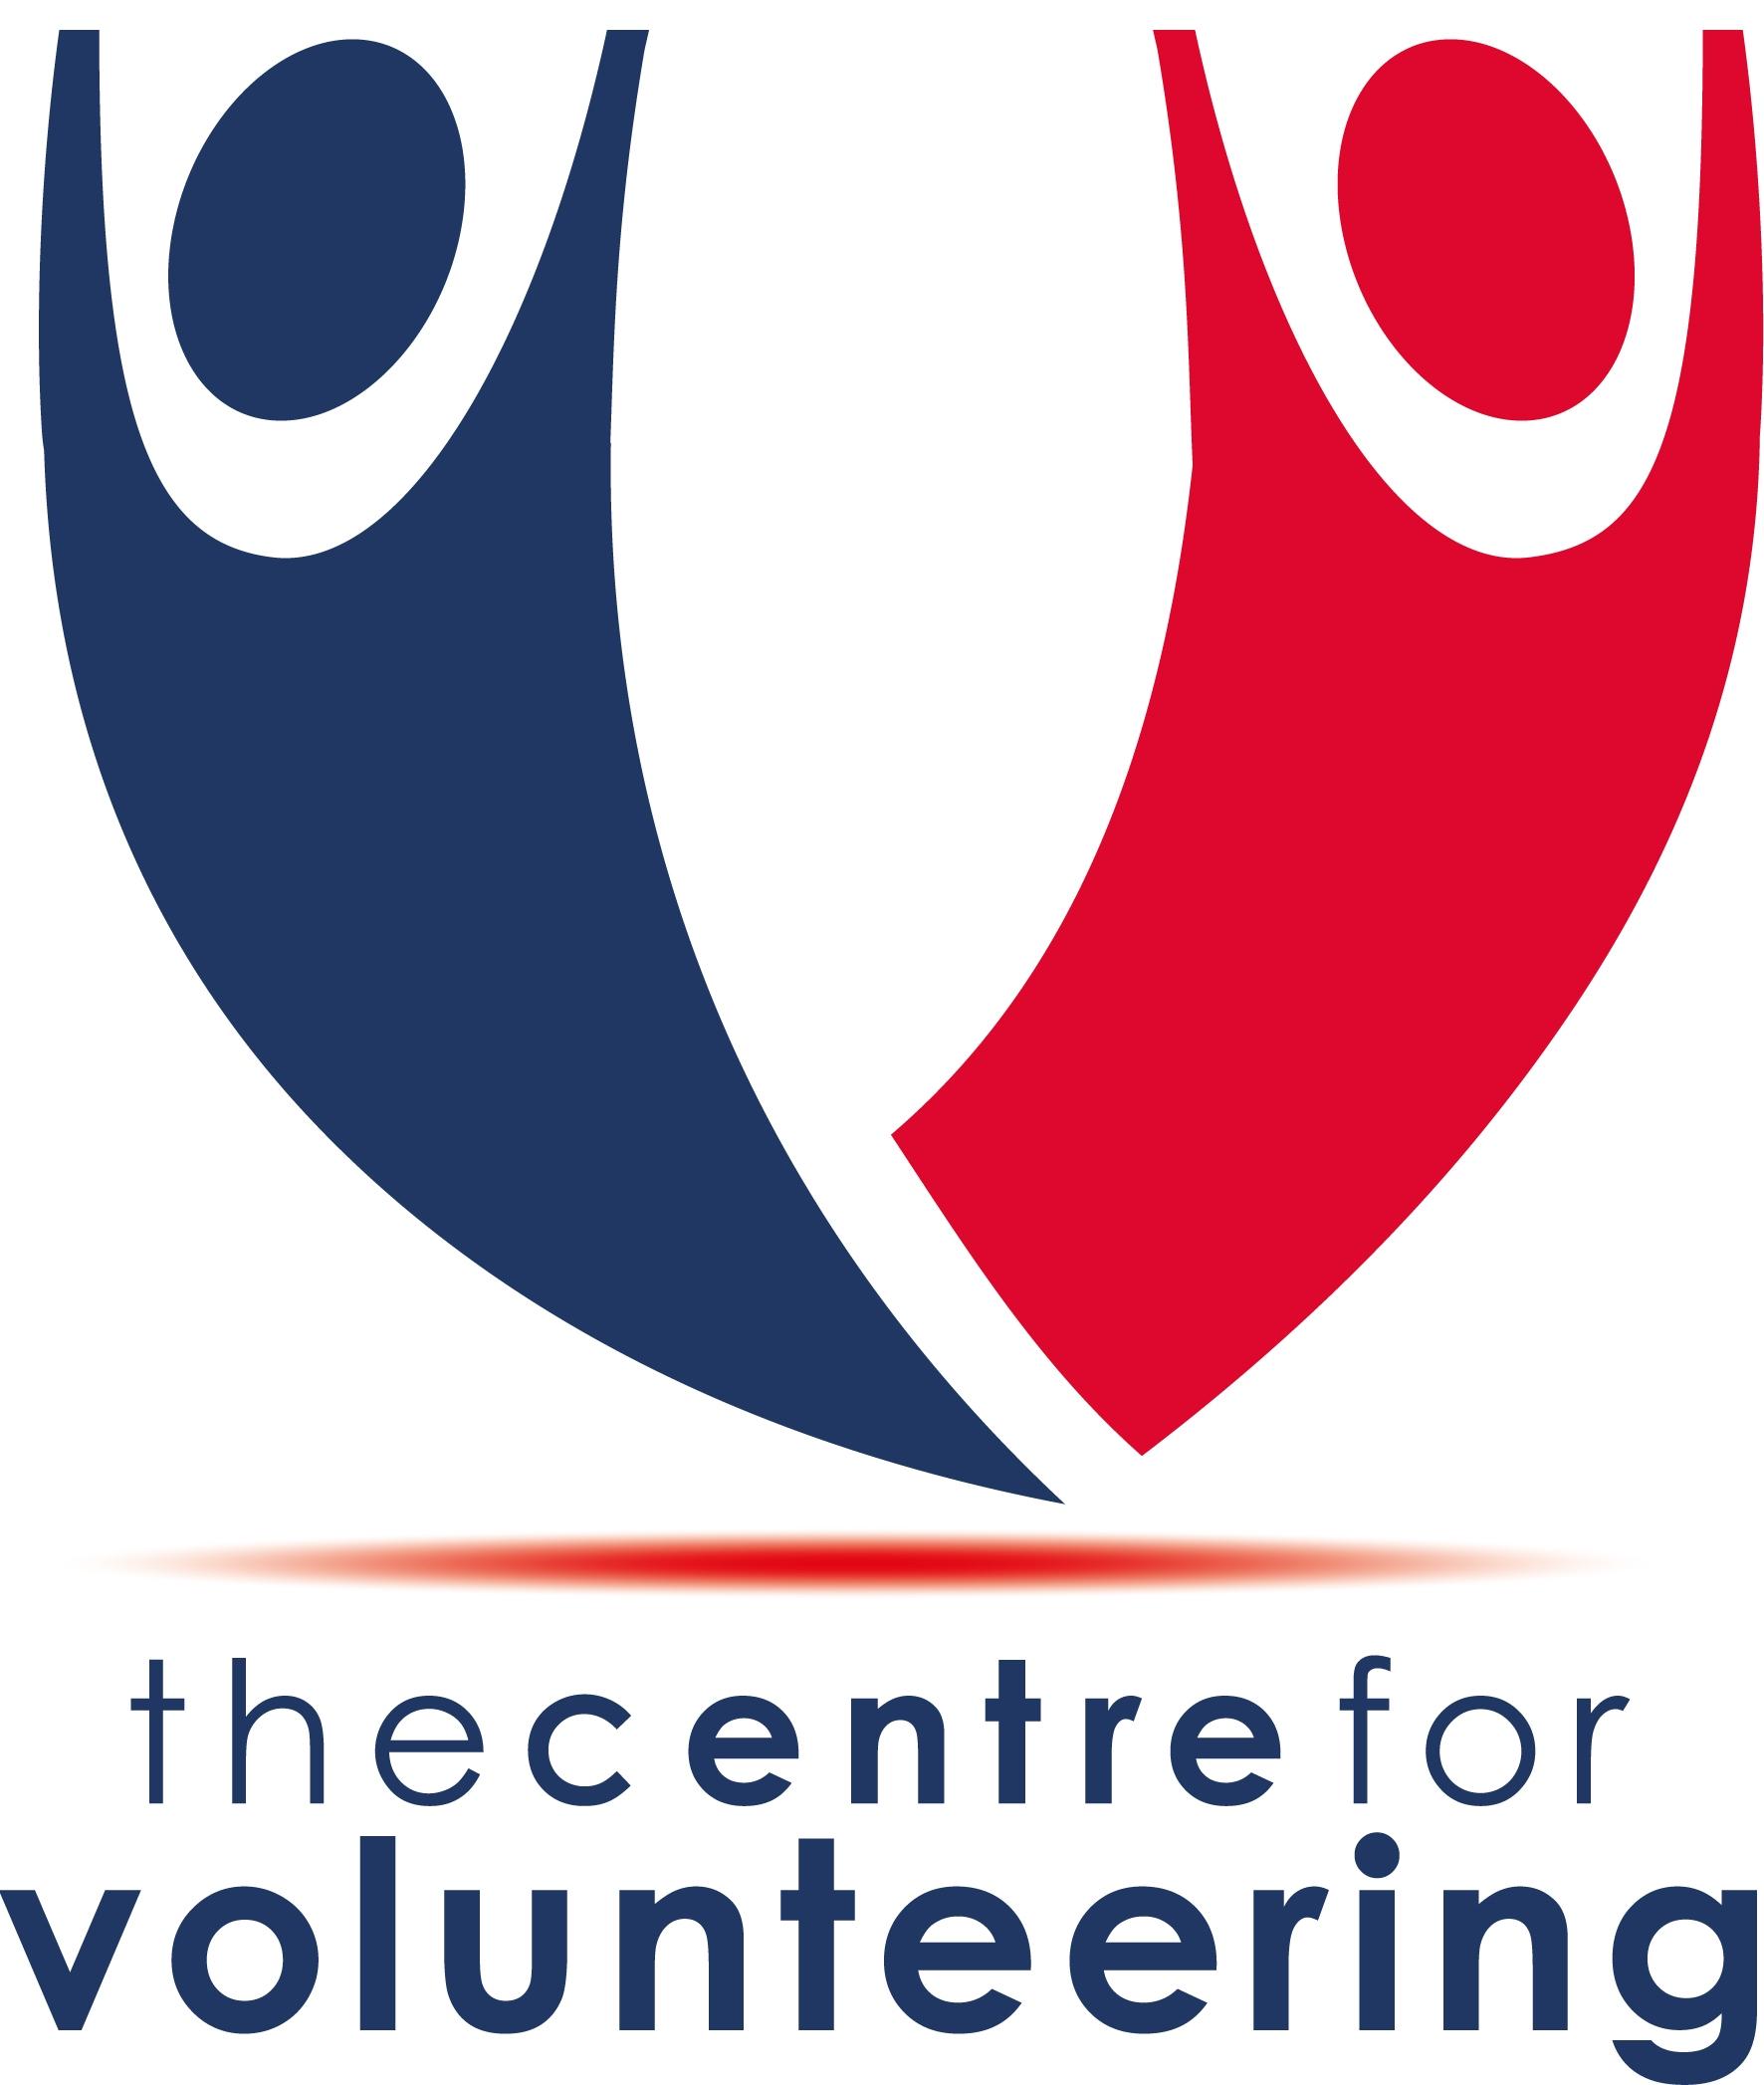 Centre_for_Volunteering.jpg